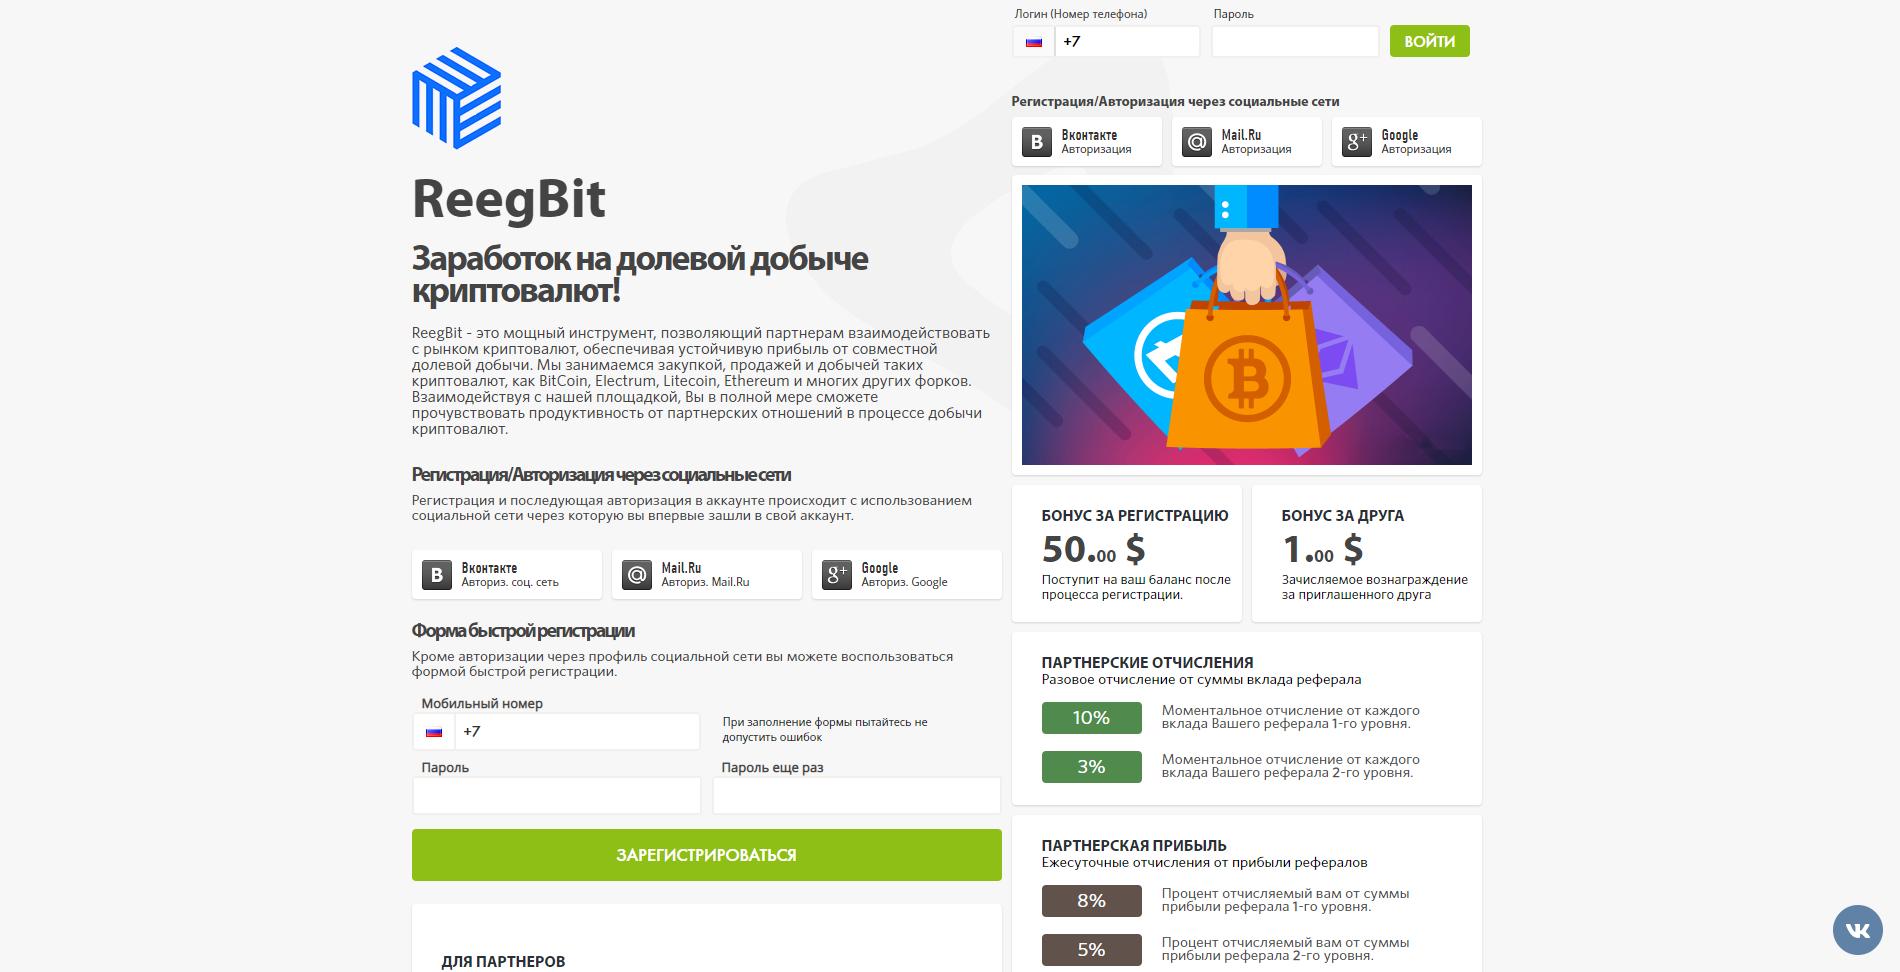 Reegbit - reegbit.com